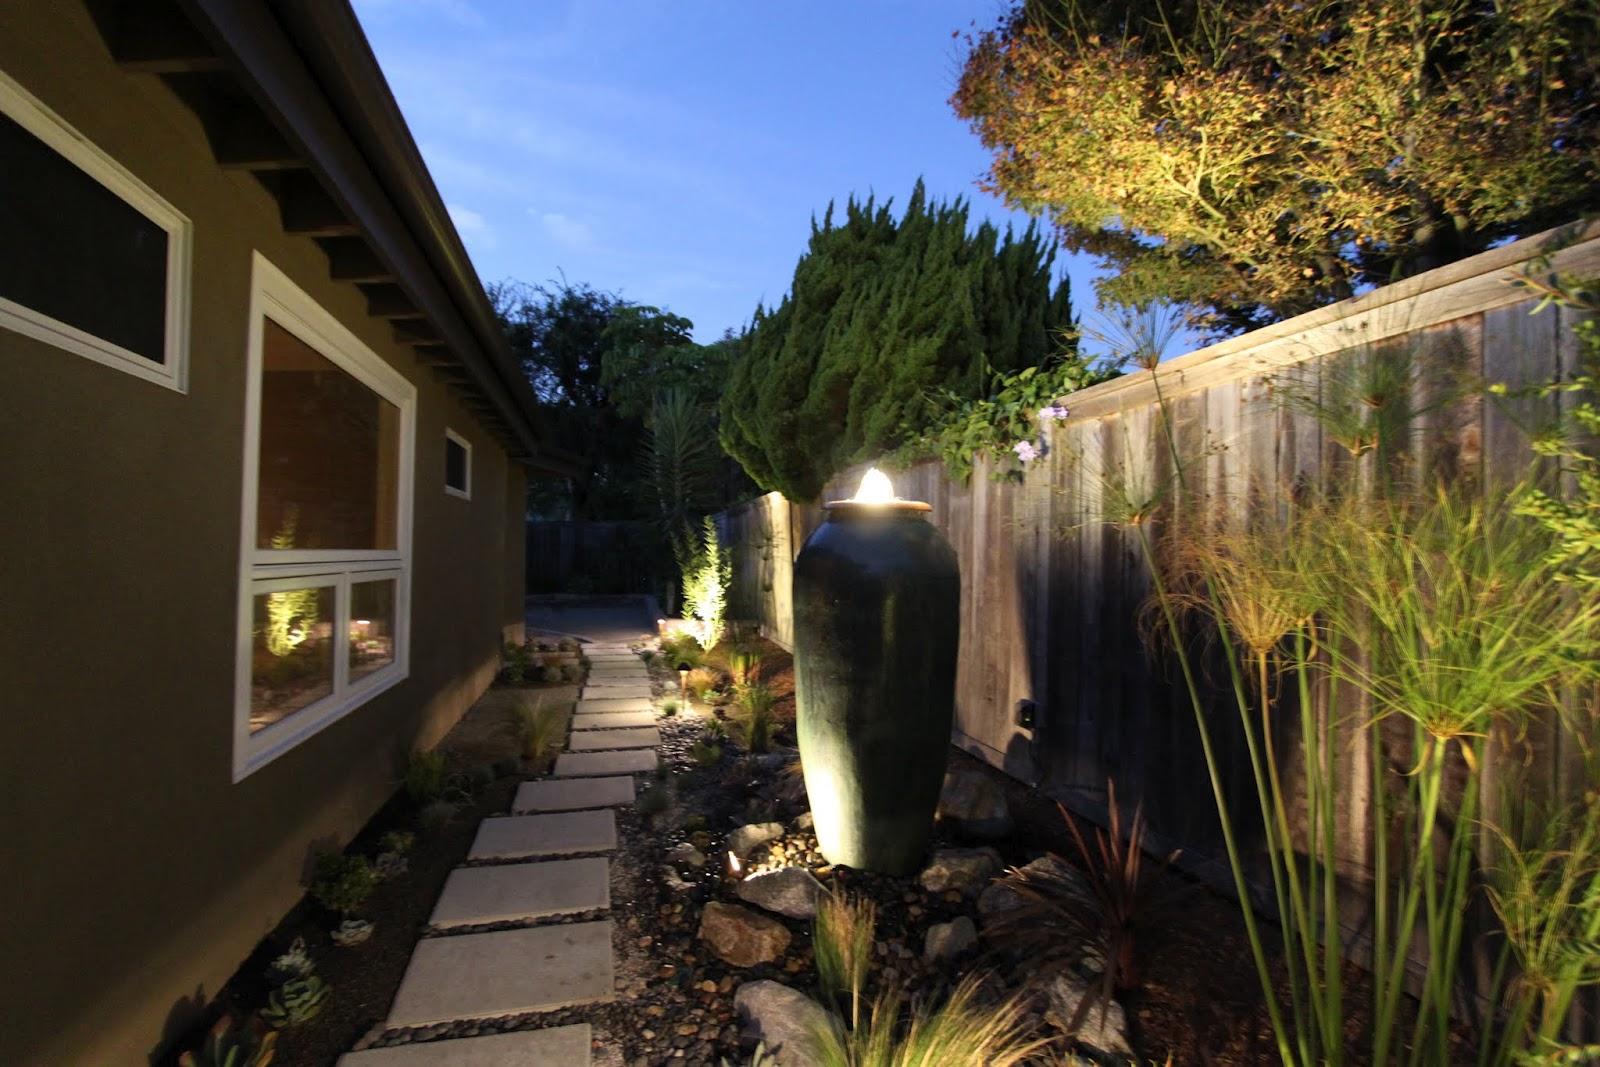 lighting a midcentury modern landscape design  midcentury  - lighting a midcentury modern landscape design